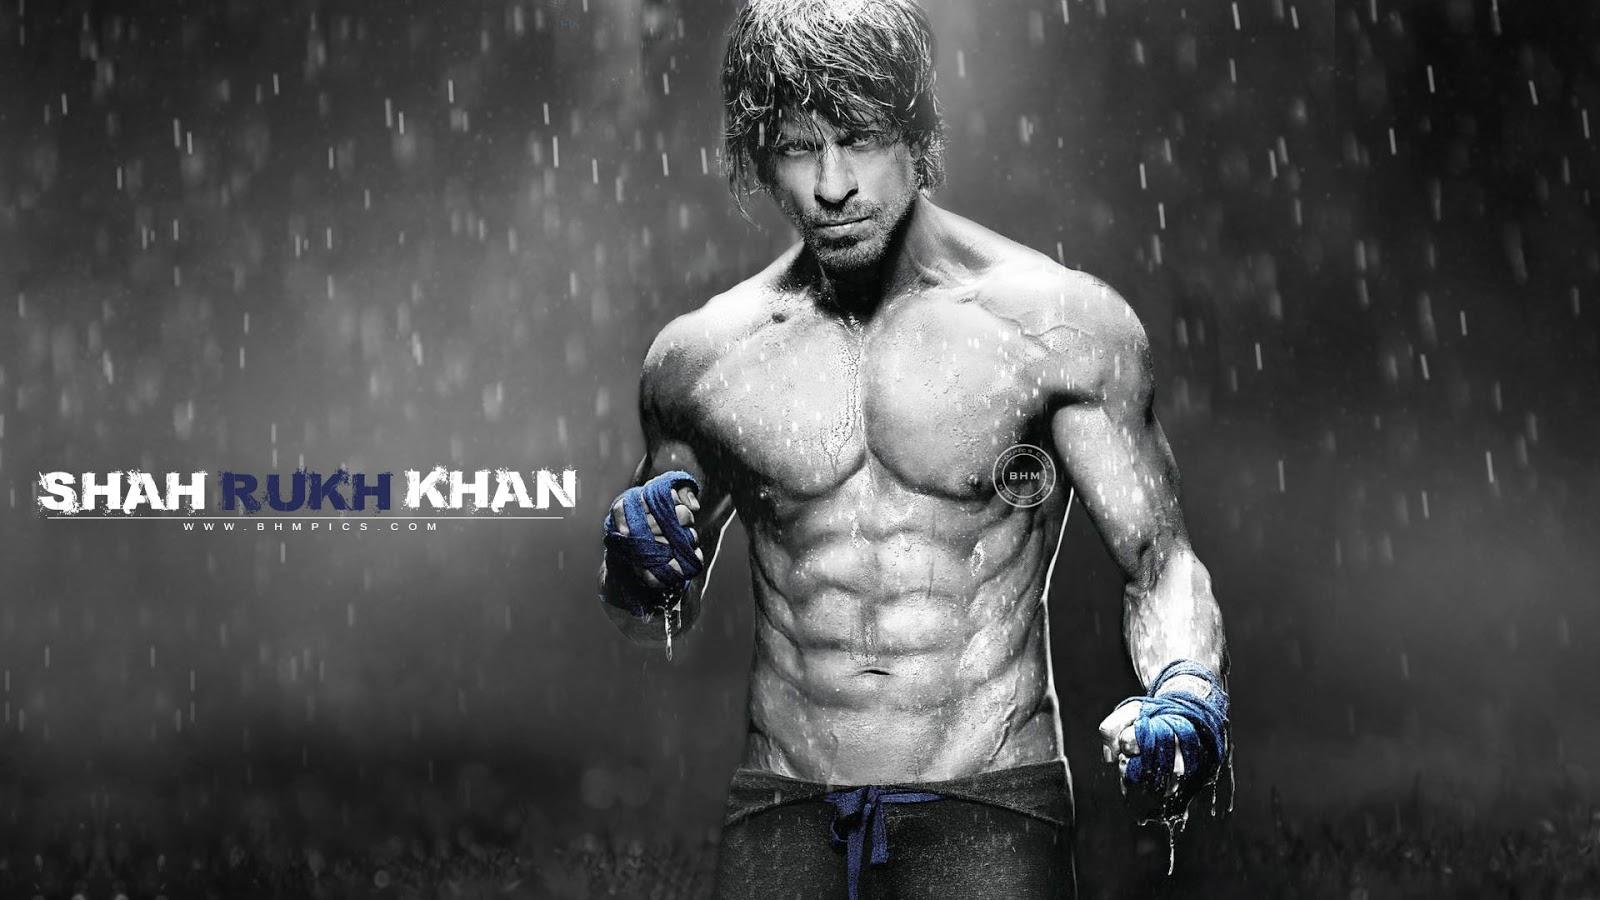 Sharukh Khan Hd Wallpapers Hindi Me Solutions